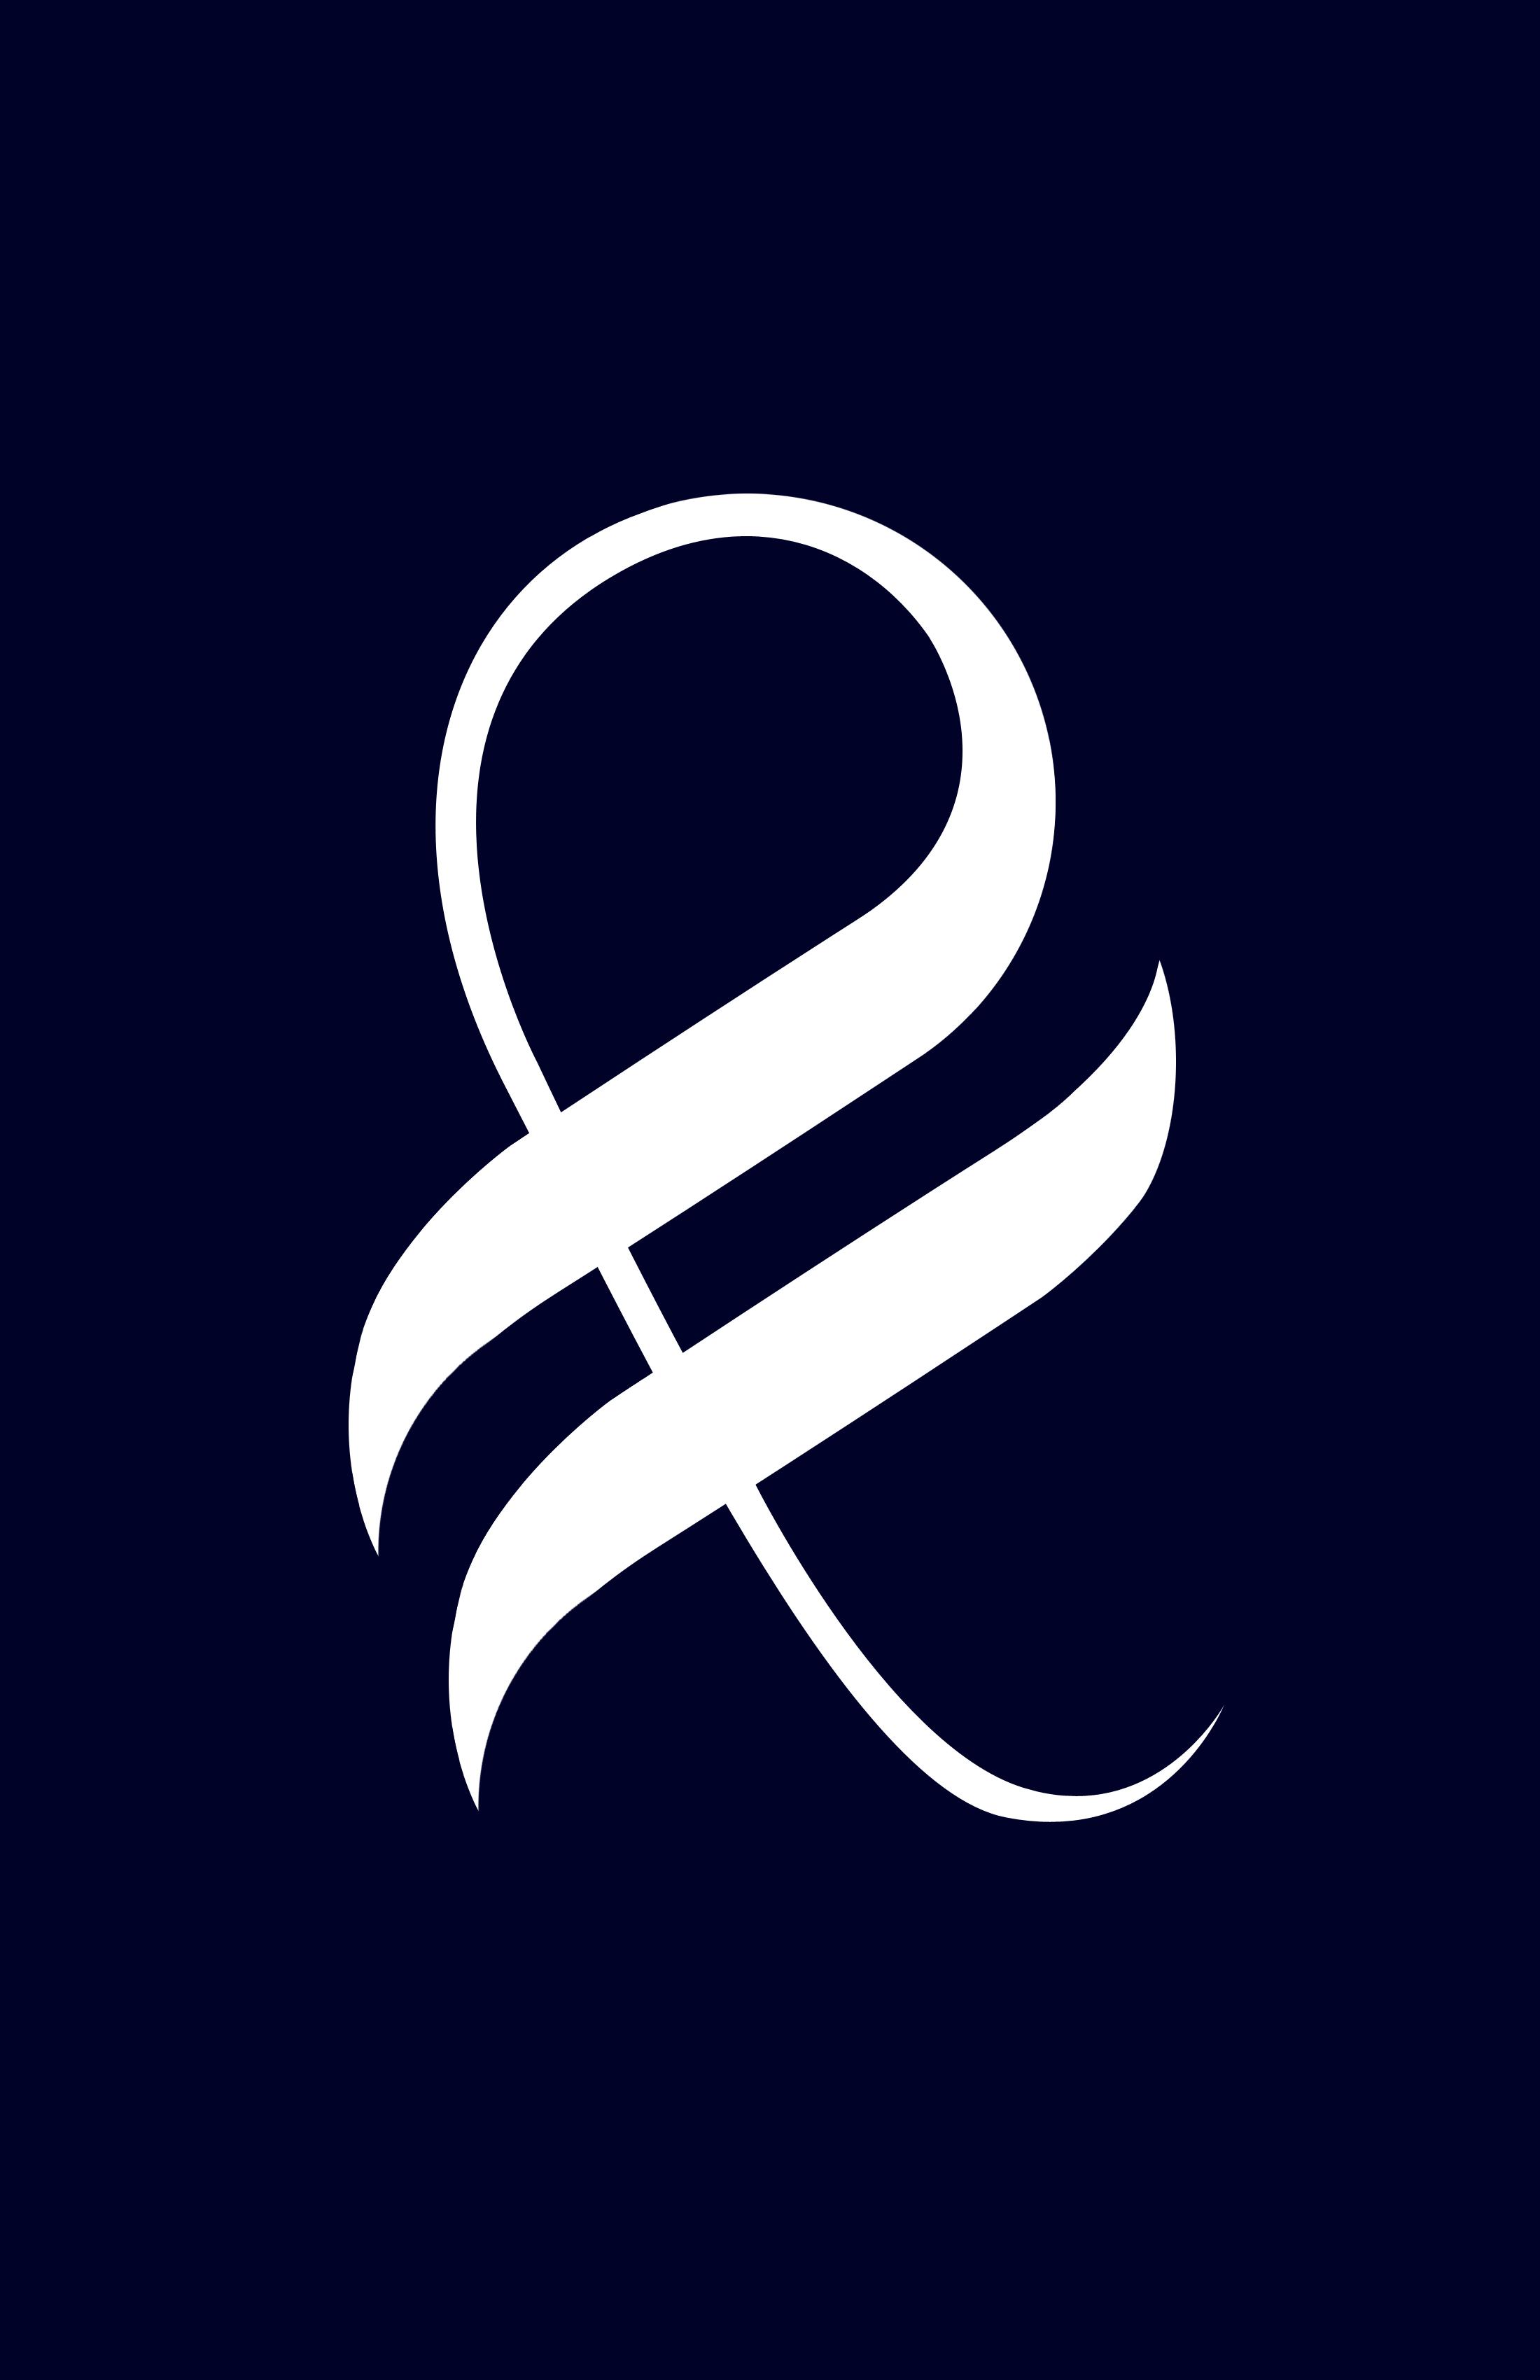 Ampersand 2.jpg